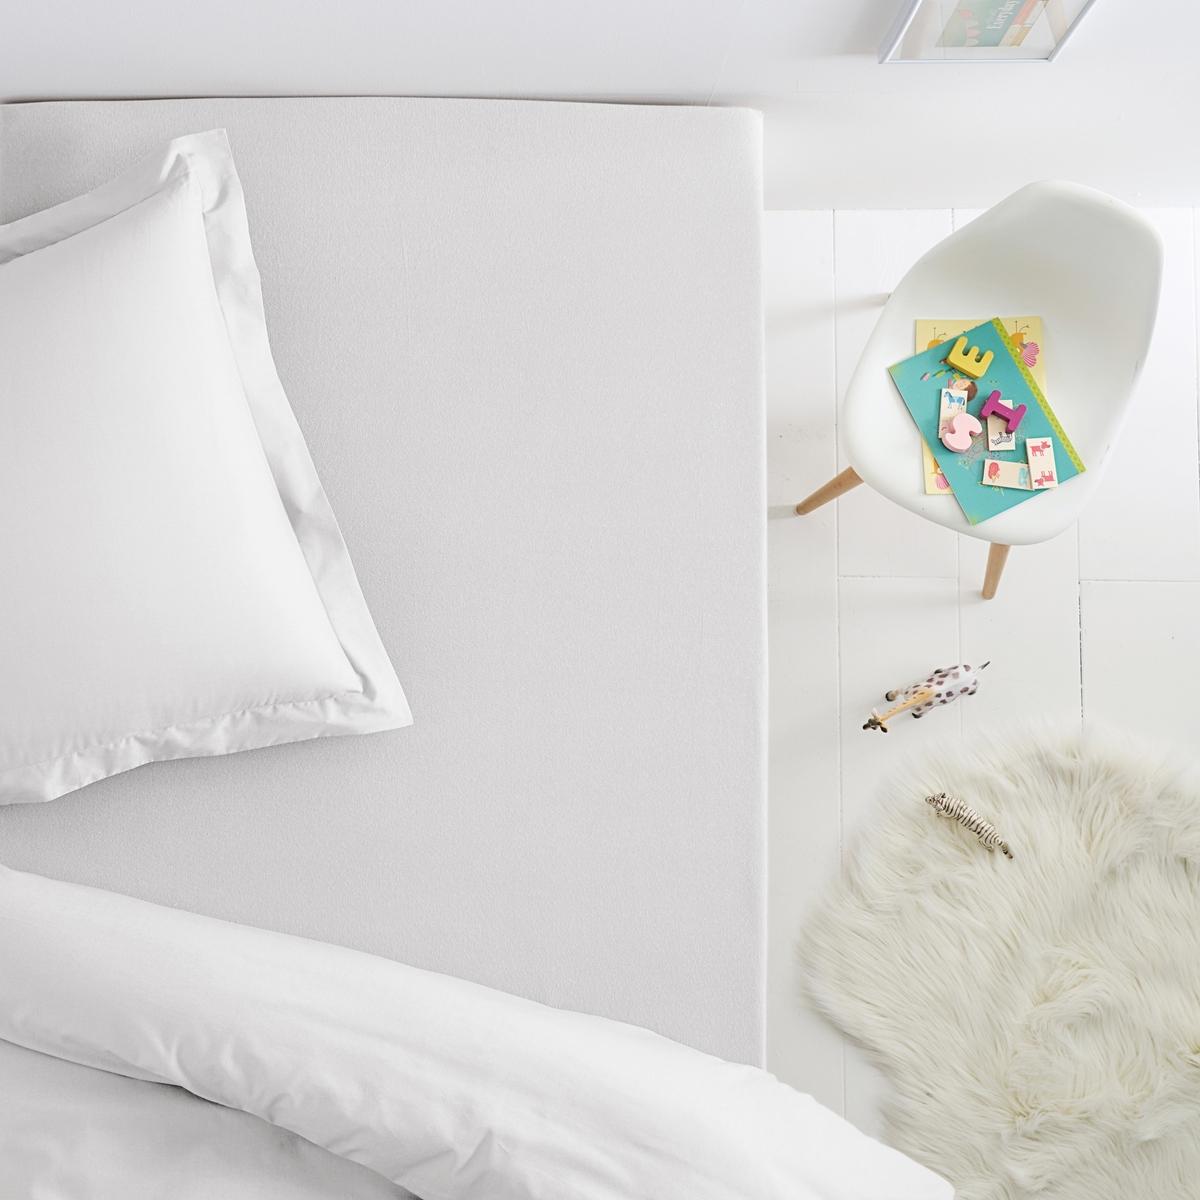 Натяжная простыня из джерси 100% хлопок для детской кроватиНатяжная простыня для детской кровати из джерси 100% хлопка, эластичная. Машинная стирка при 60 °C. Характеристики натяжной простыни джерси для детской кровати:-         Простыня выпускается в однотонной гамме оттенков, чтобы Вы могли сочетать с постельным бельём по Вашему настроению, желанию и по сезону!- Джерси 100% хлопок эластичный материал (130 г/см?).Стирка при 60°.                                                                                                                                                                                            Соответствие размеров натяжной простыни для детской кровати:                      90 x 140 см. : раскладная кровать                                 90 x 190 см   : 1-сп..                                                                                                                                                                                                                             Всю коллекцию Вы найдёте на сайтеSC?NARIO JERSEY COTON                                                                                                                        Знак Oeko-Tex® гарантирует, что товары протестированы и сертифицированы и не содержат вредных для здоровья веществ.<br><br>Цвет: белый,голубой бирюзовый,зелено-синий,розовый<br>Размер: 90 x 190  см